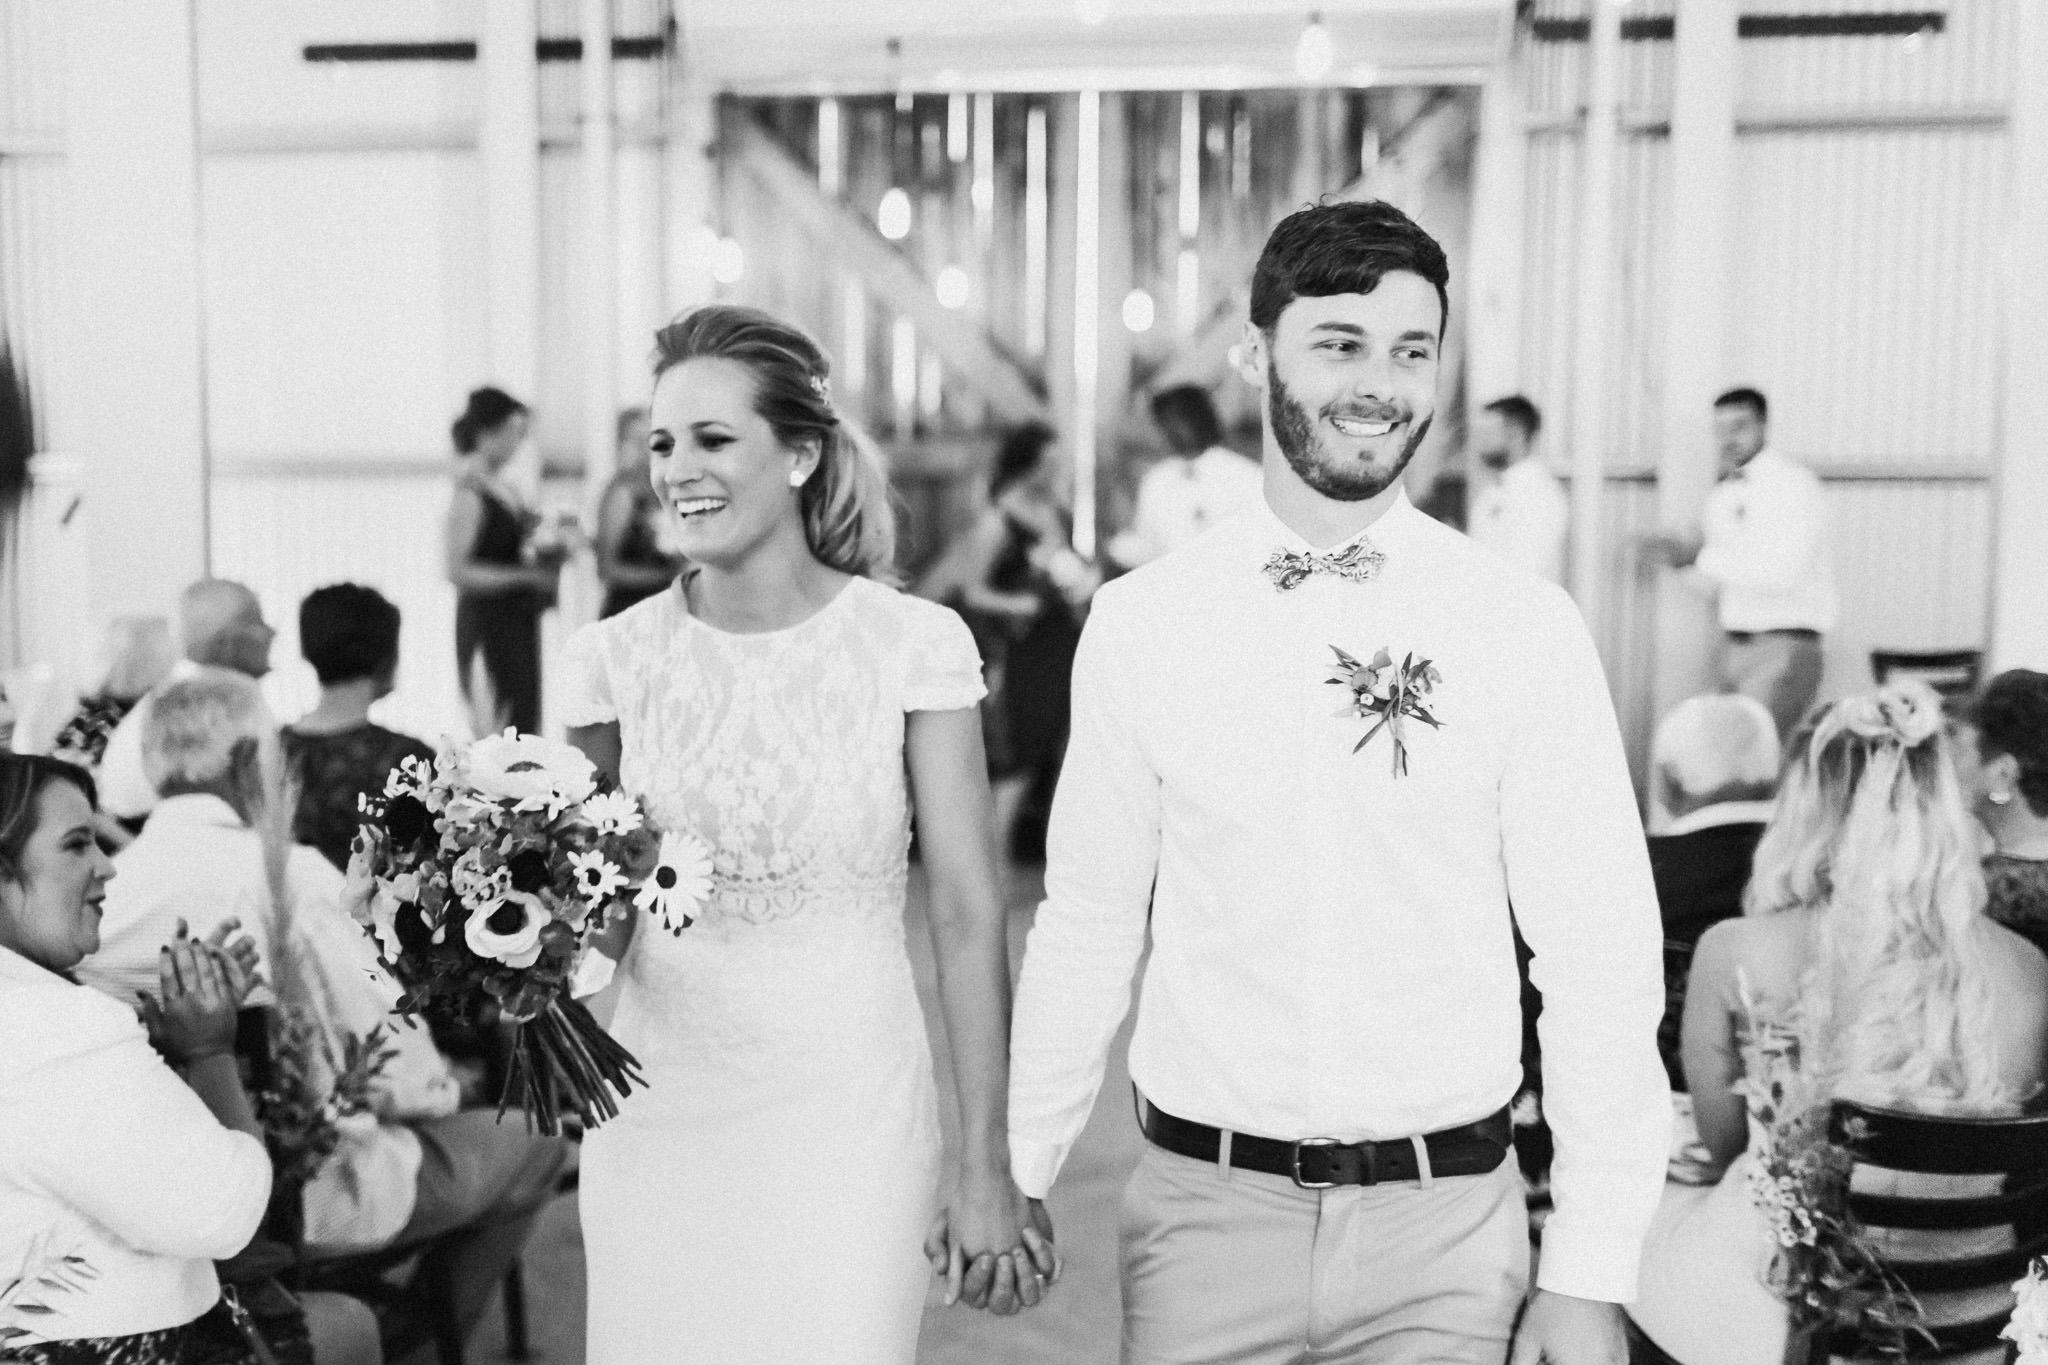 WeddingPhotos_Facebook_2048pixels-1336.jpg